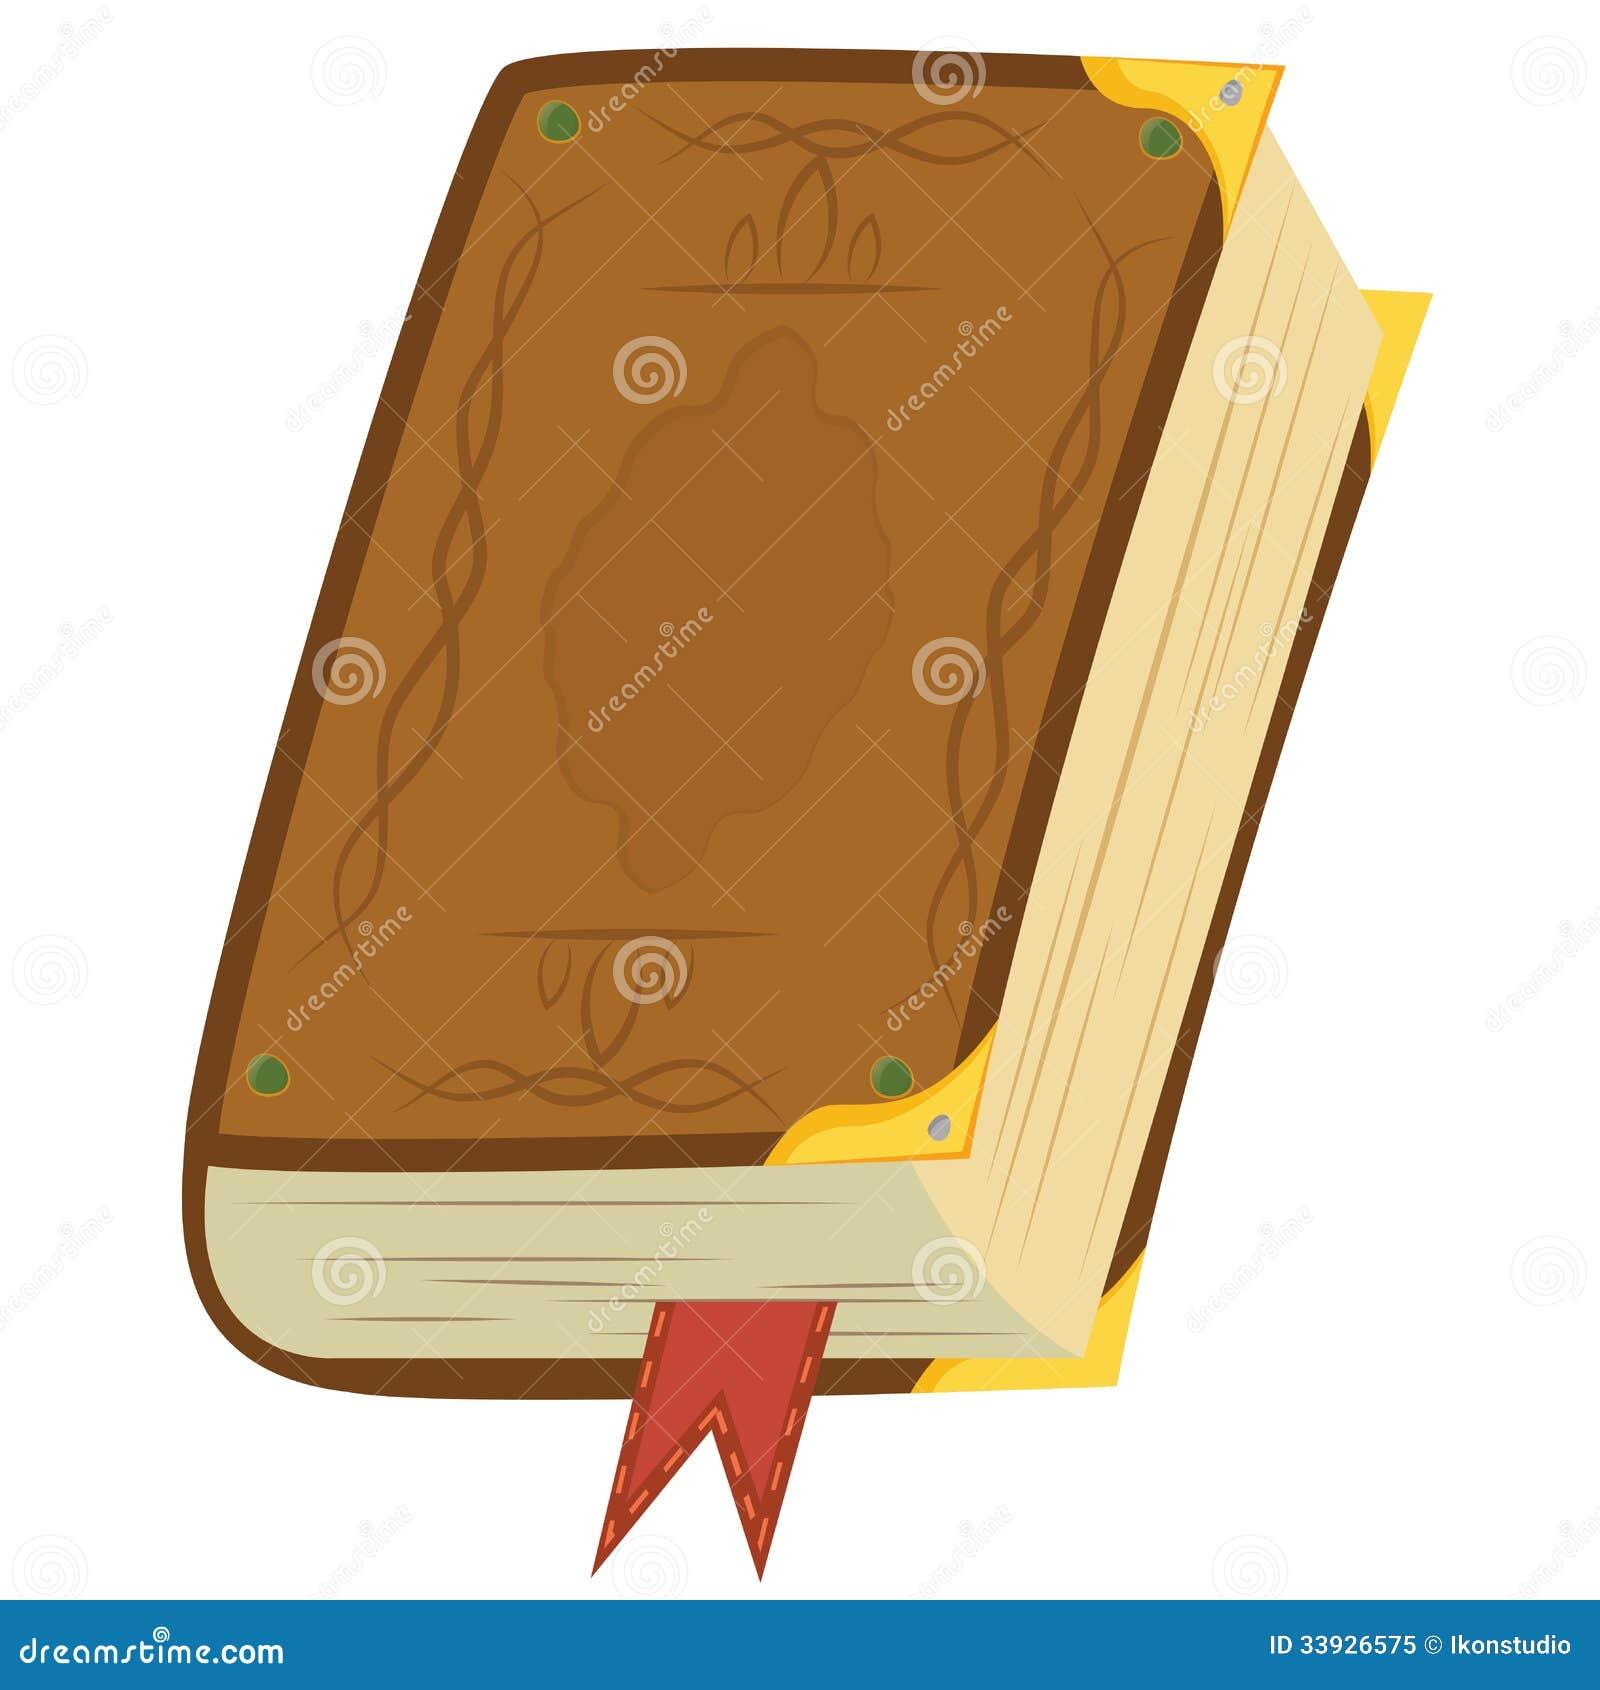 Желтая волшебная книга с закладкой и ...: ru.dreamstime.com/стоковое-фото-rf-кожаная-во...